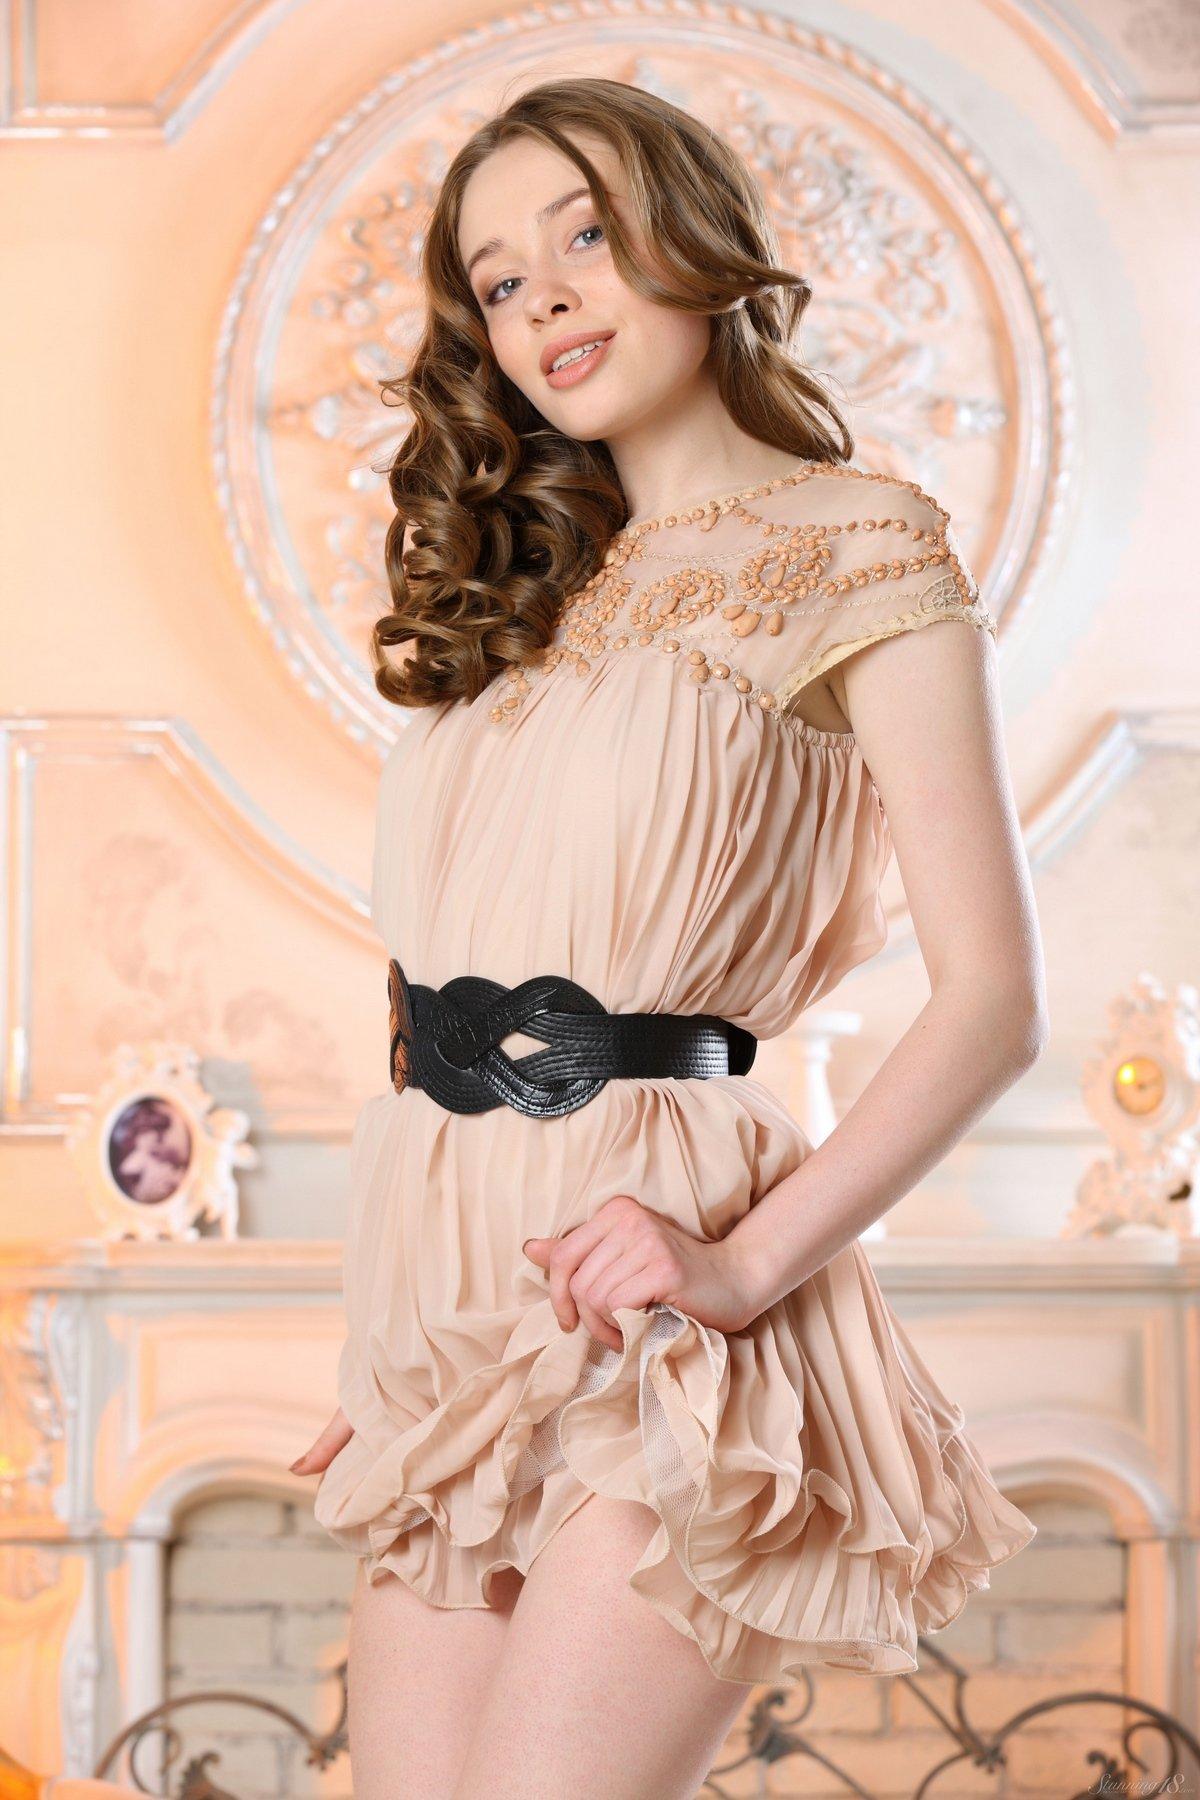 Милашка в коротком платье продемонтстрировала роскошные ноги